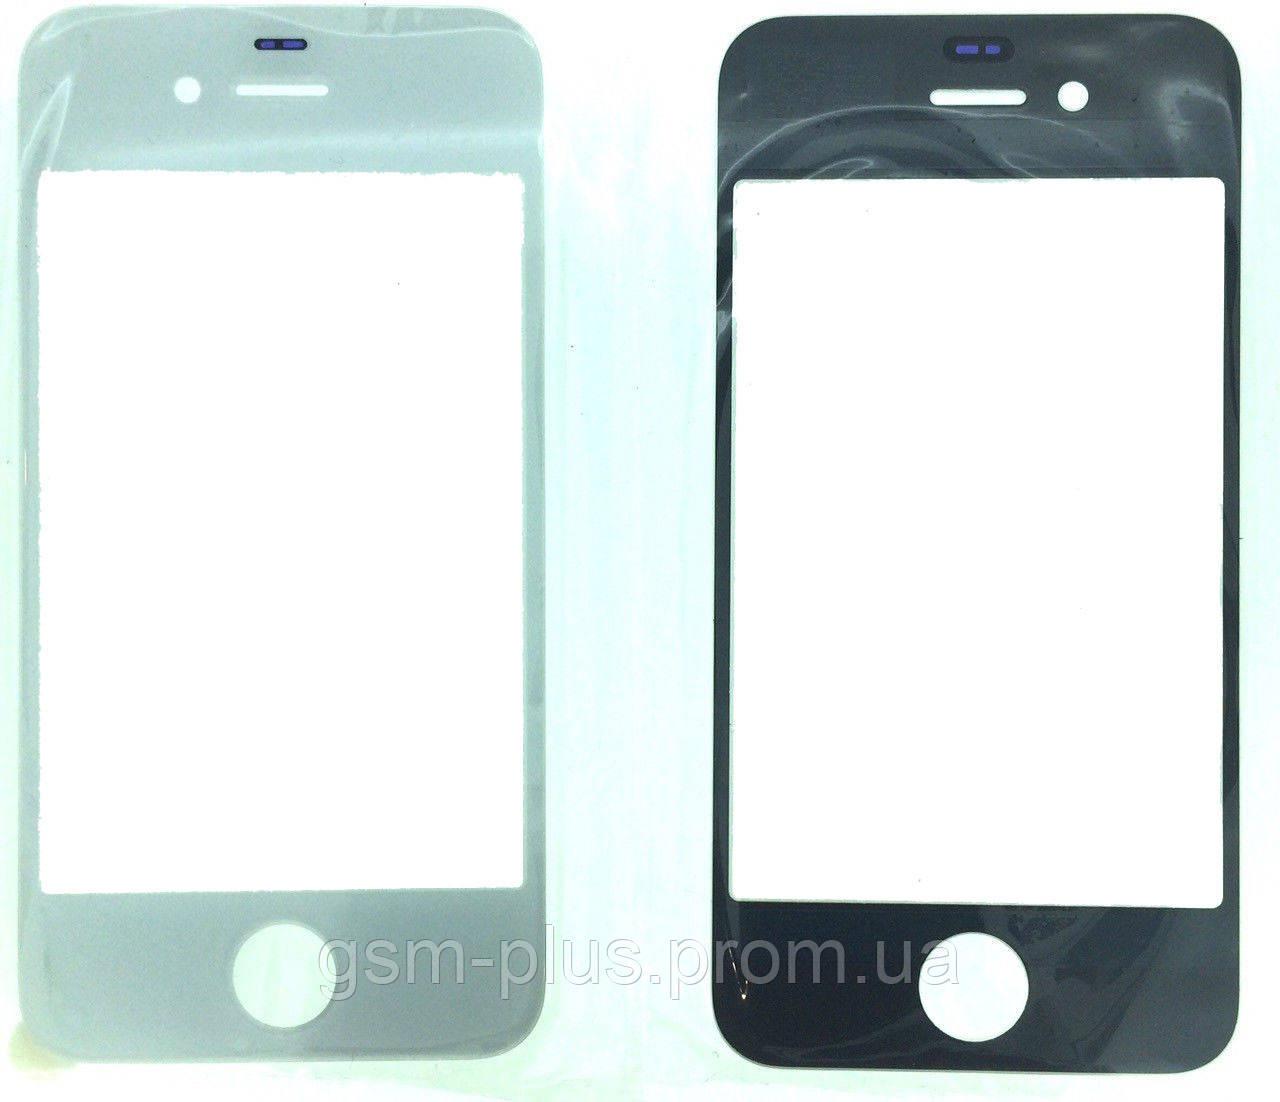 Стекло iPhone 4 / 4S White